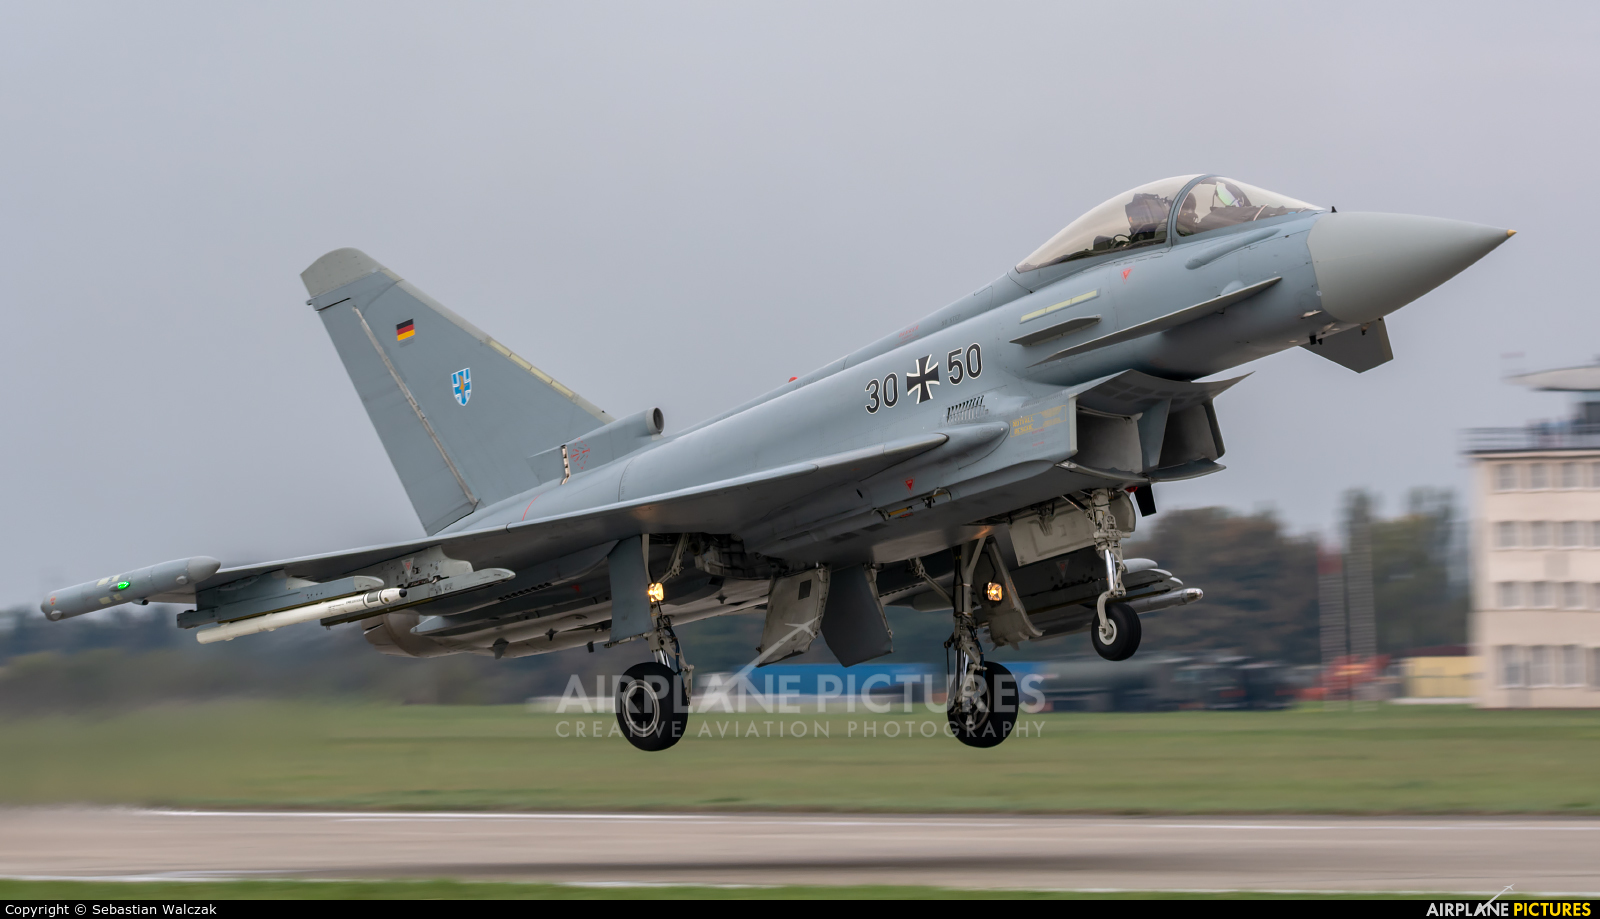 Germany - Air Force 30+50 aircraft at Malbork